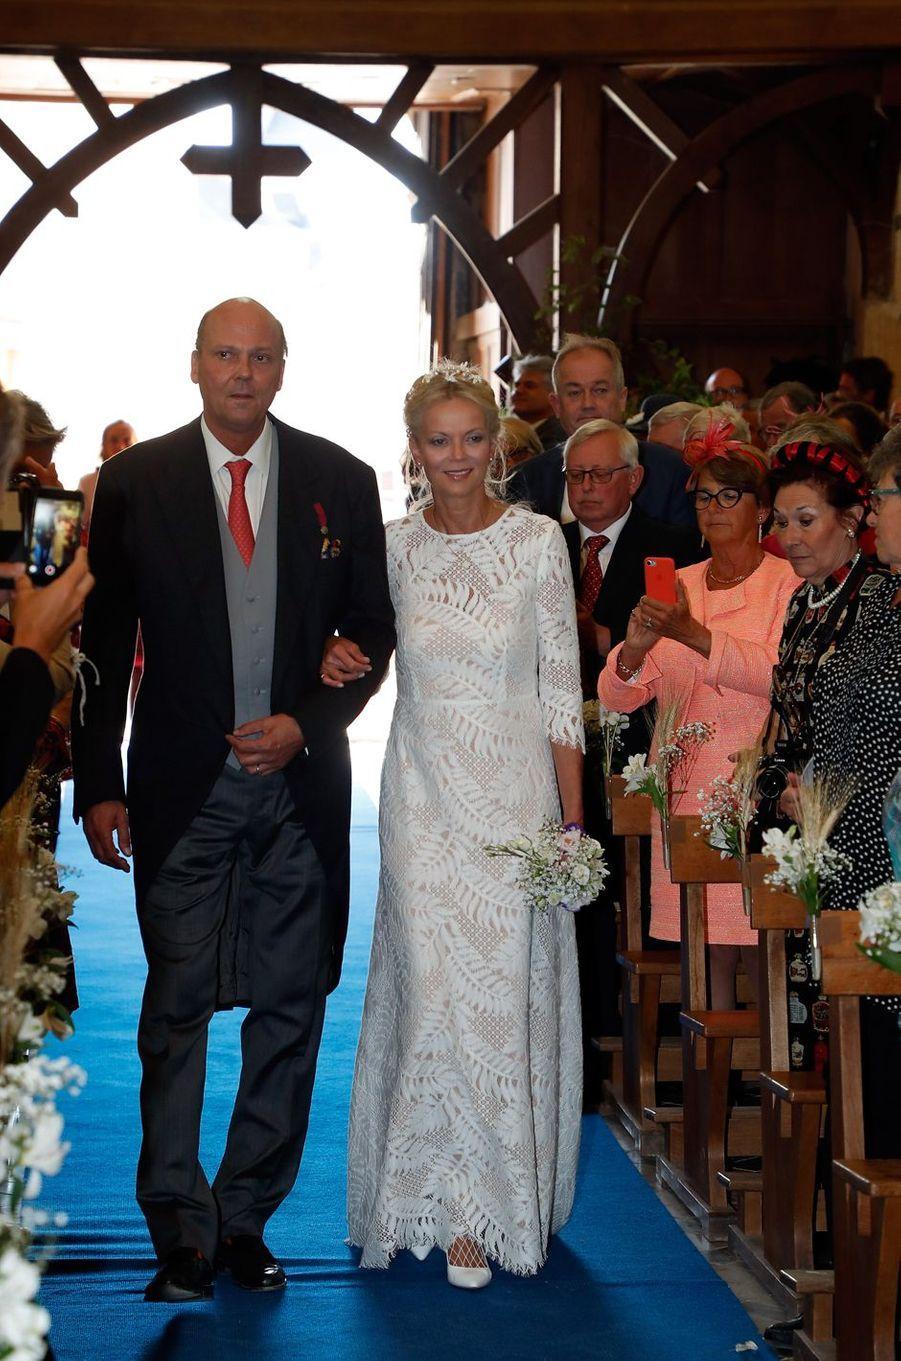 La princesse Hélène de Yougoslavie et son jumeau le prince Serge à Janville, le 14 septembre 2018